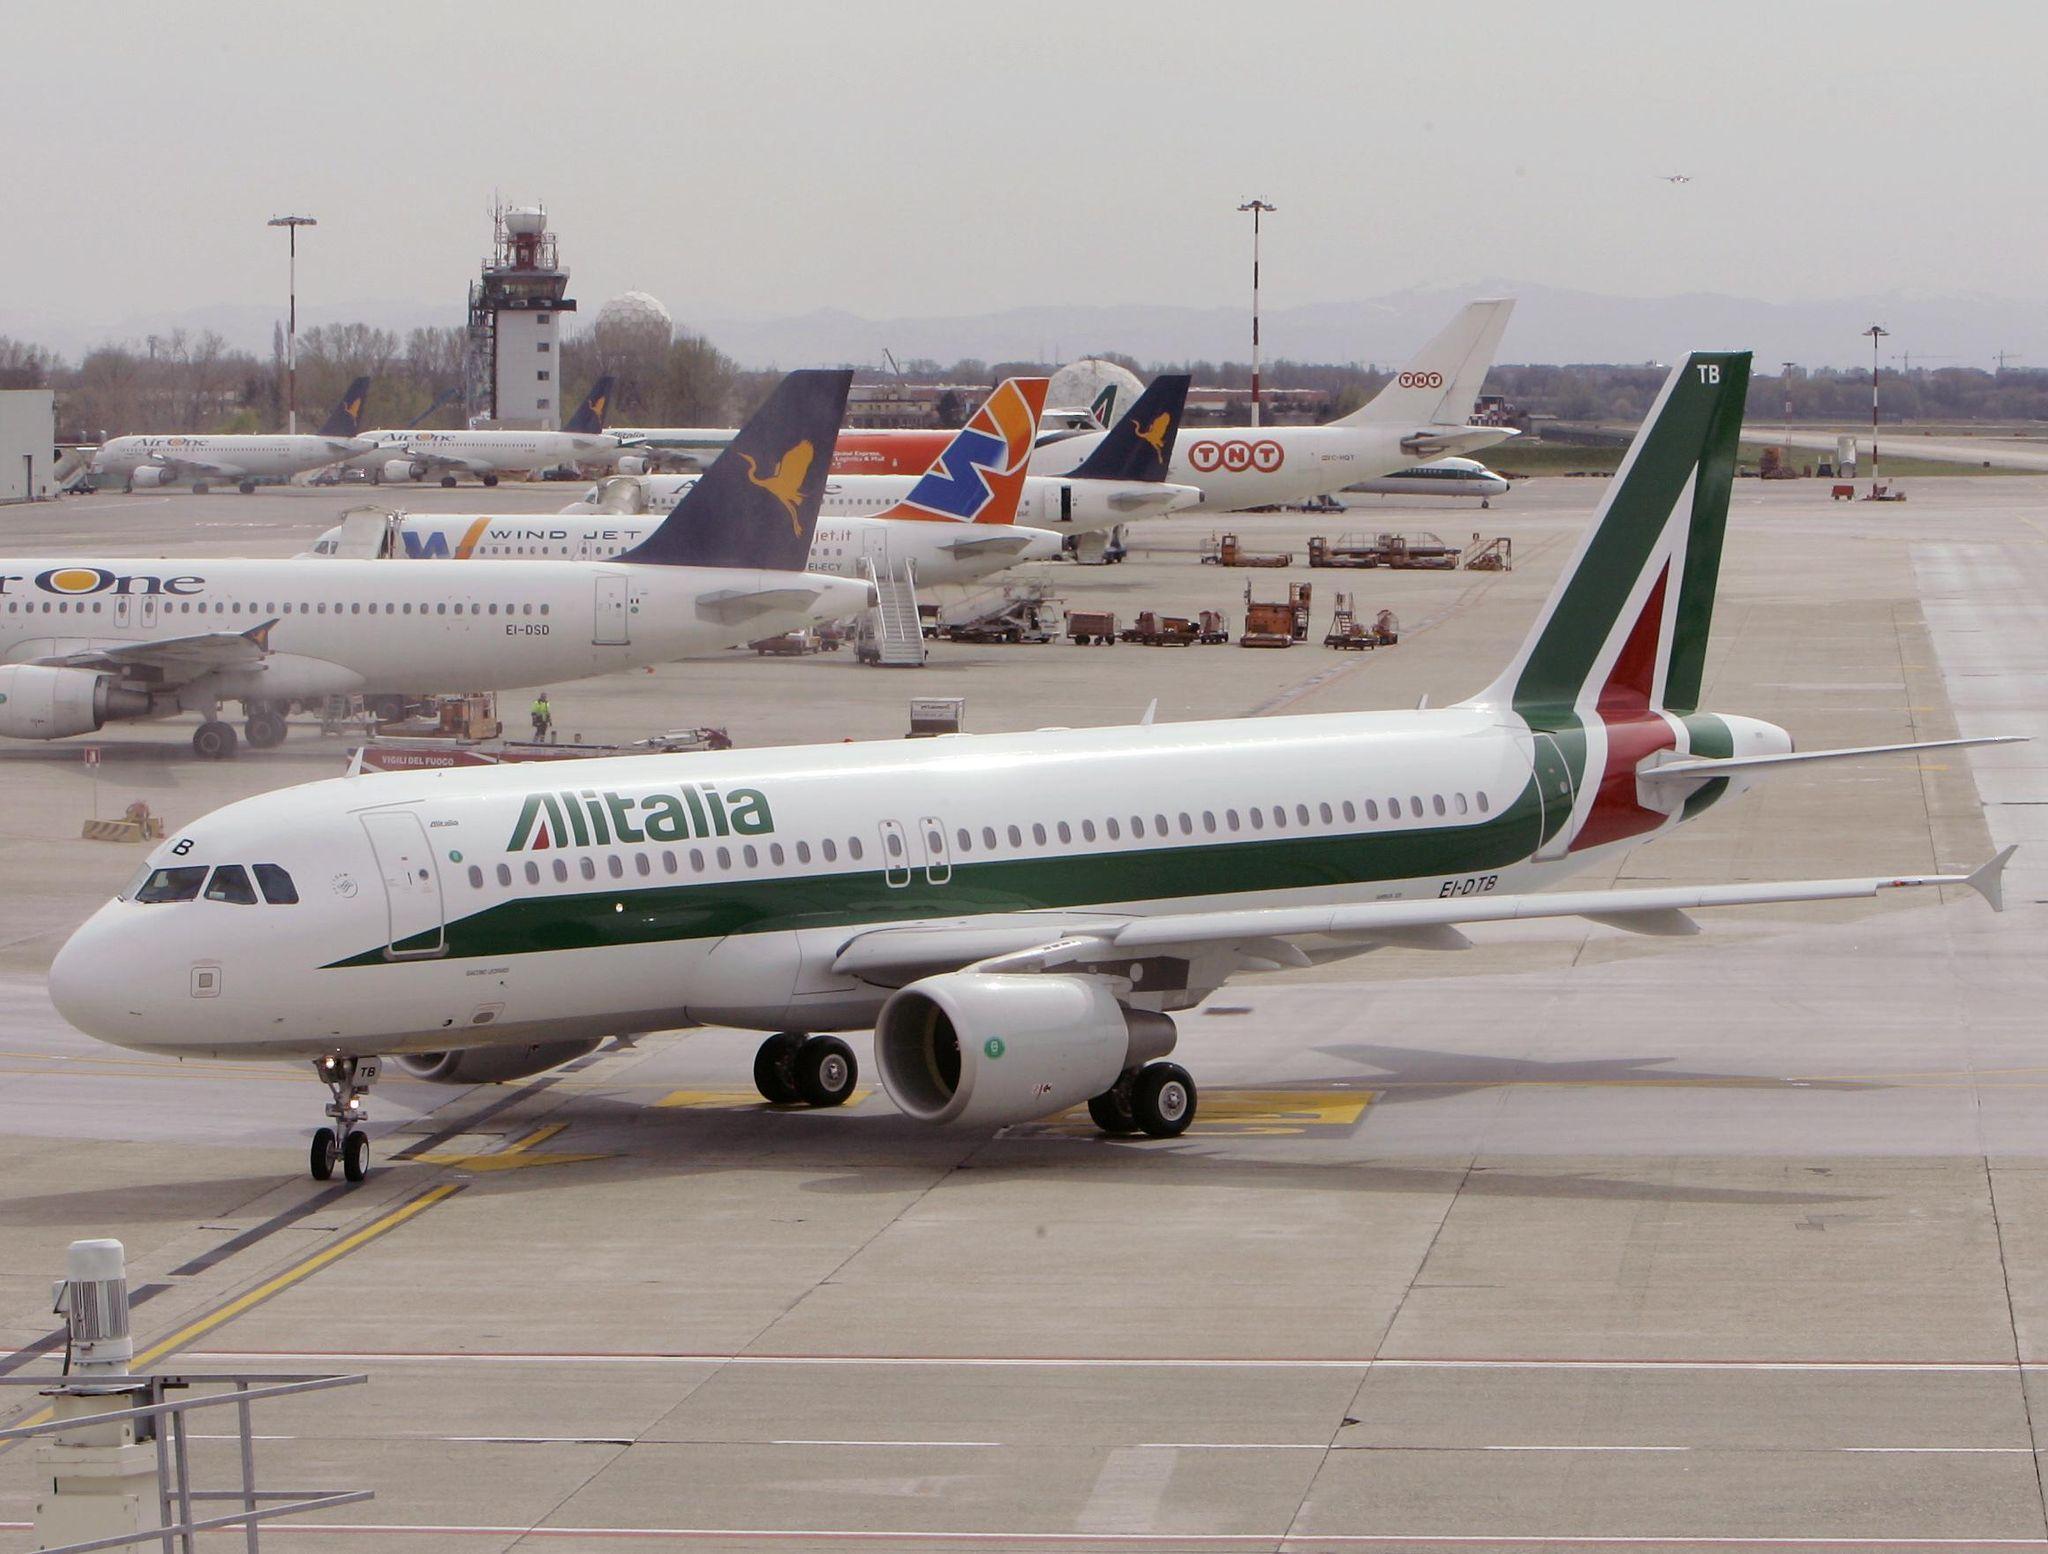 Italy's economy minister: Alitalia won't be nationalized